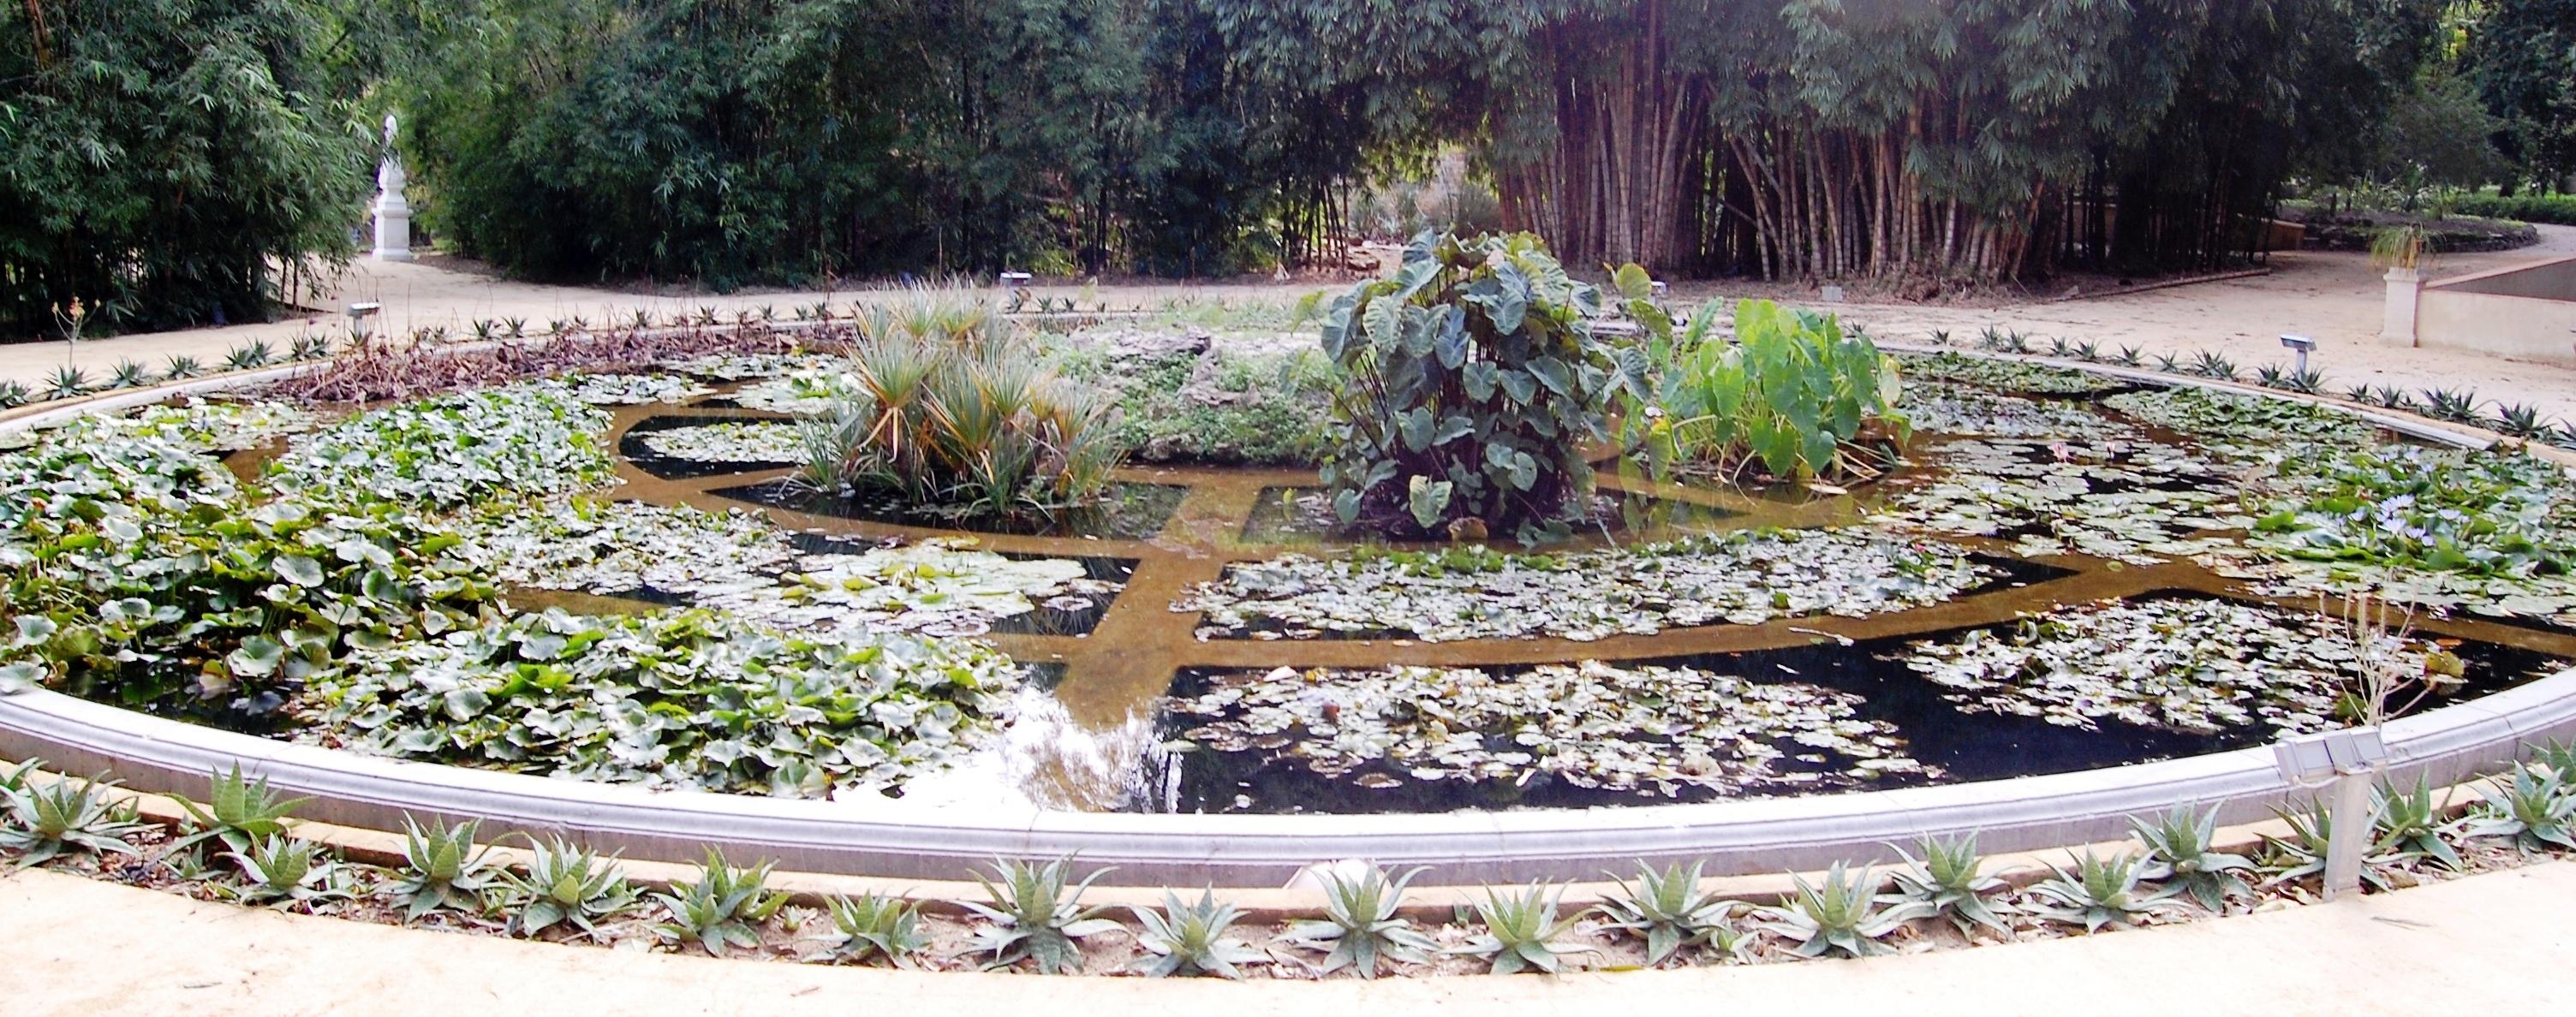 Jardin botanique de palerme for Amapola jardin de infantes palermo